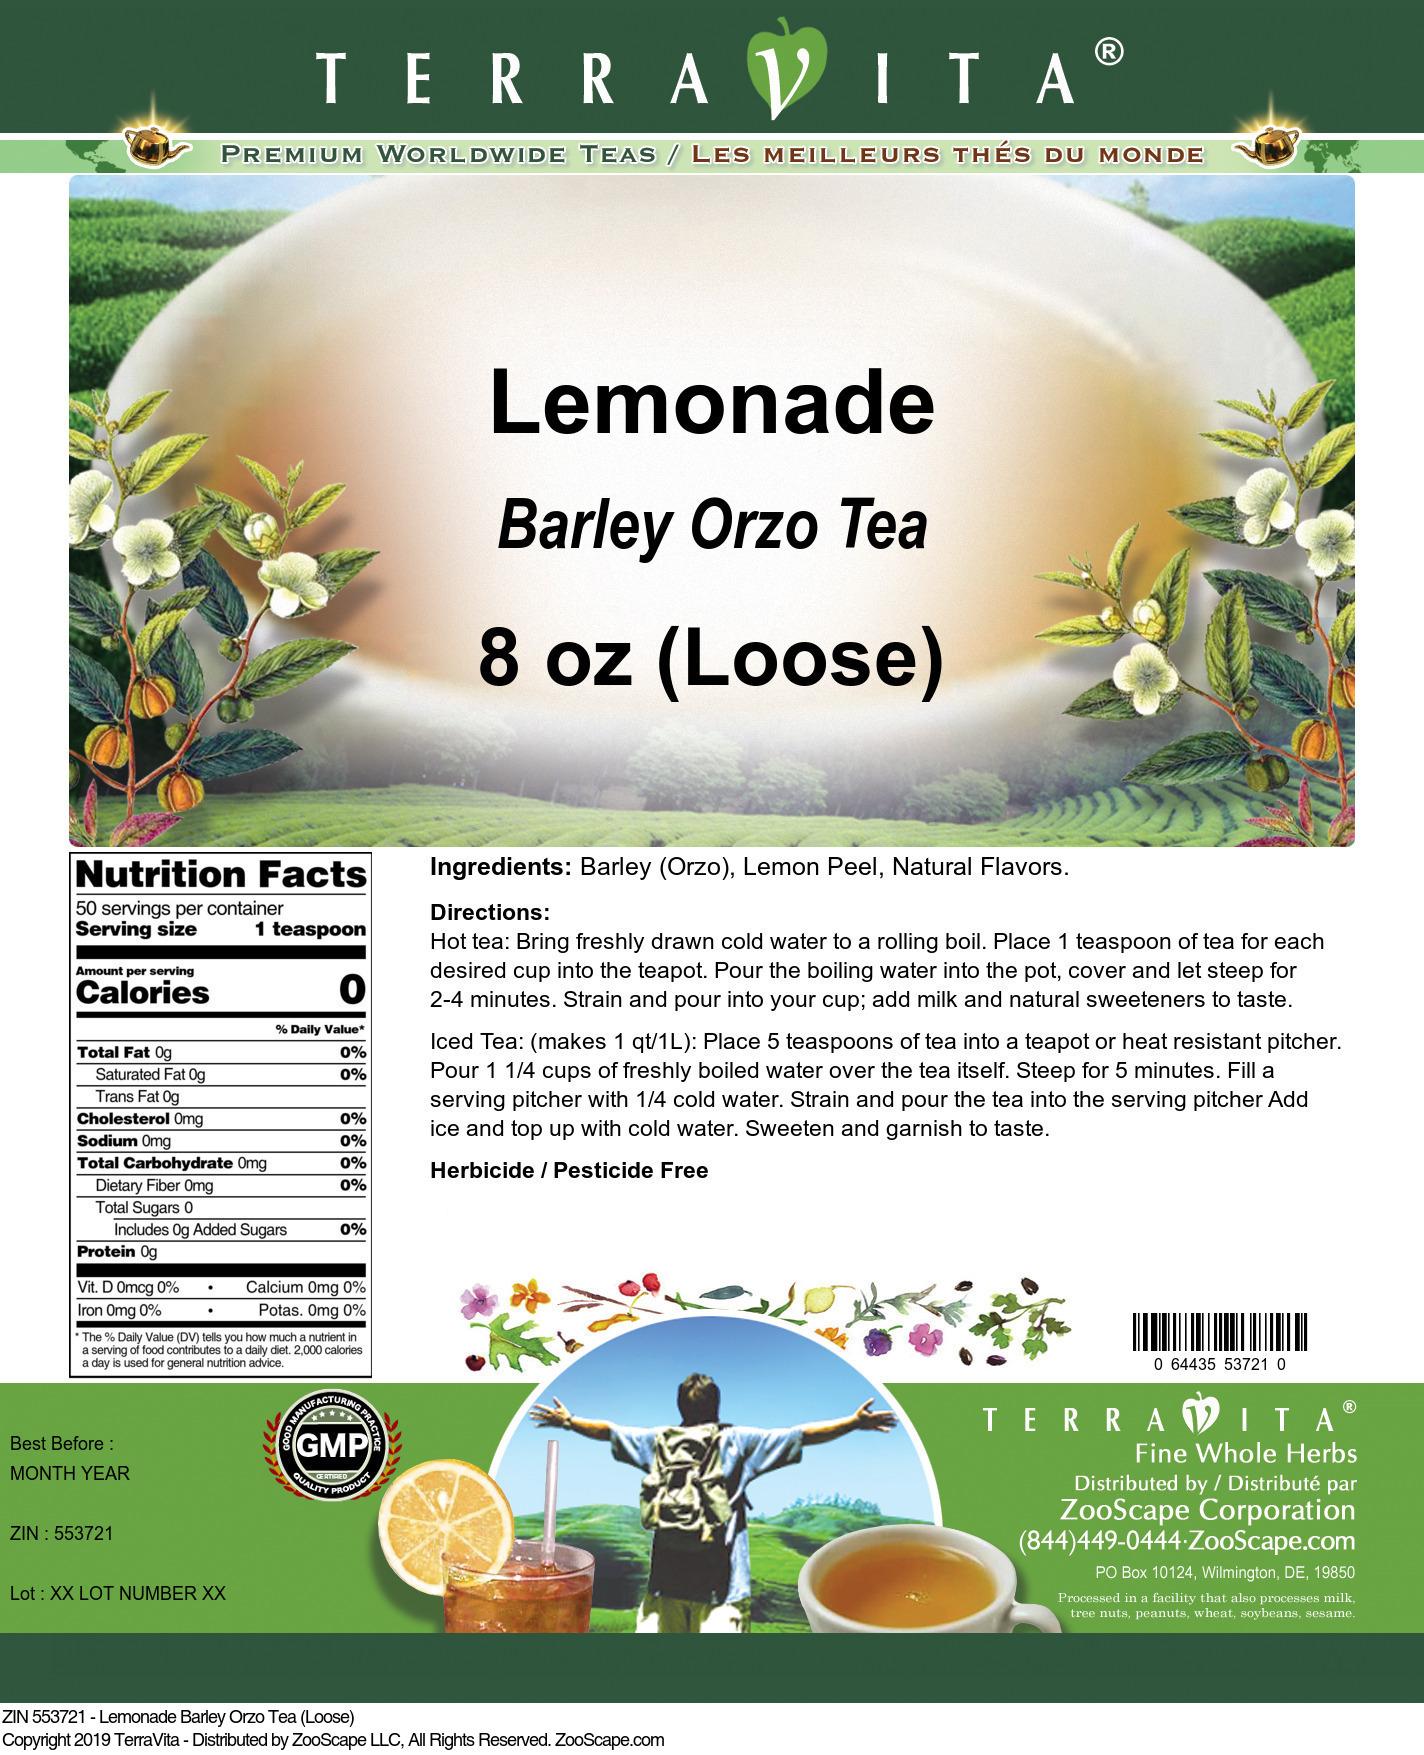 Lemonade Barley Orzo Tea (Loose)